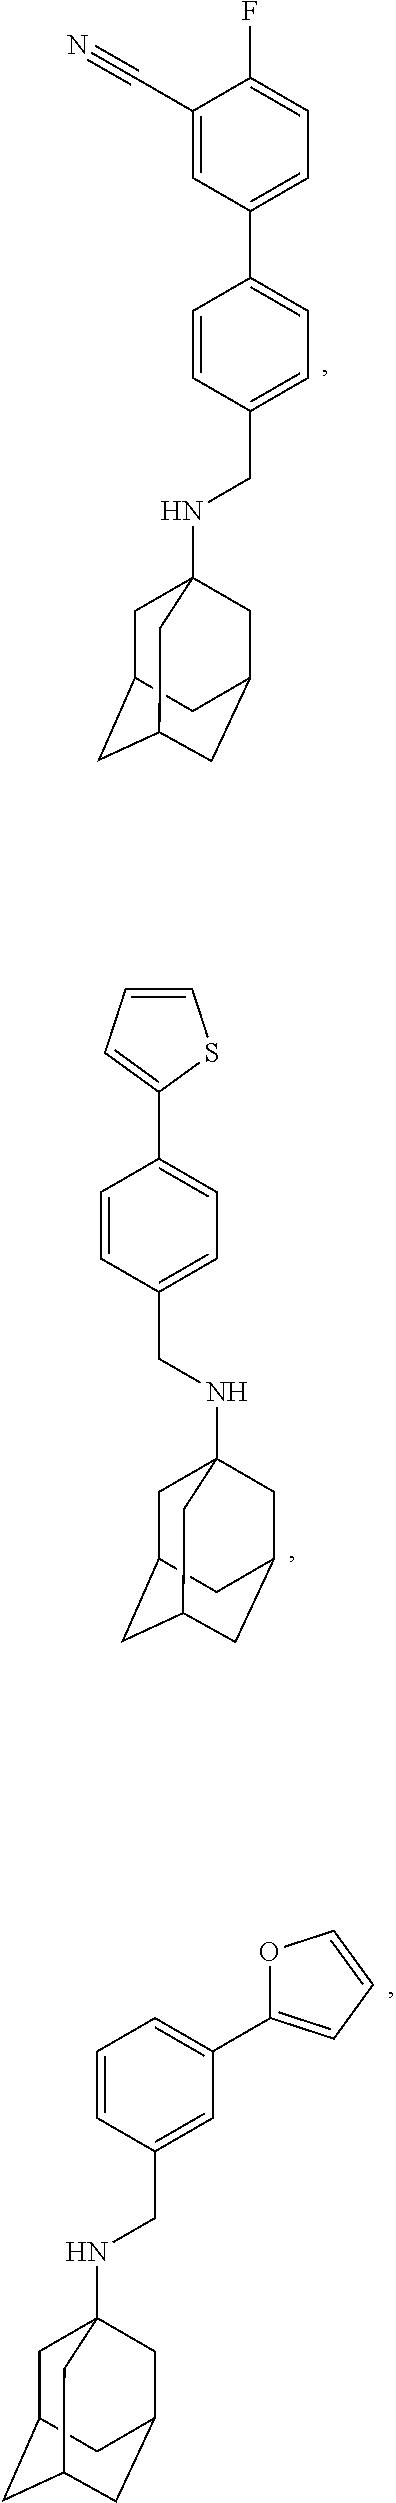 Figure US09884832-20180206-C00134